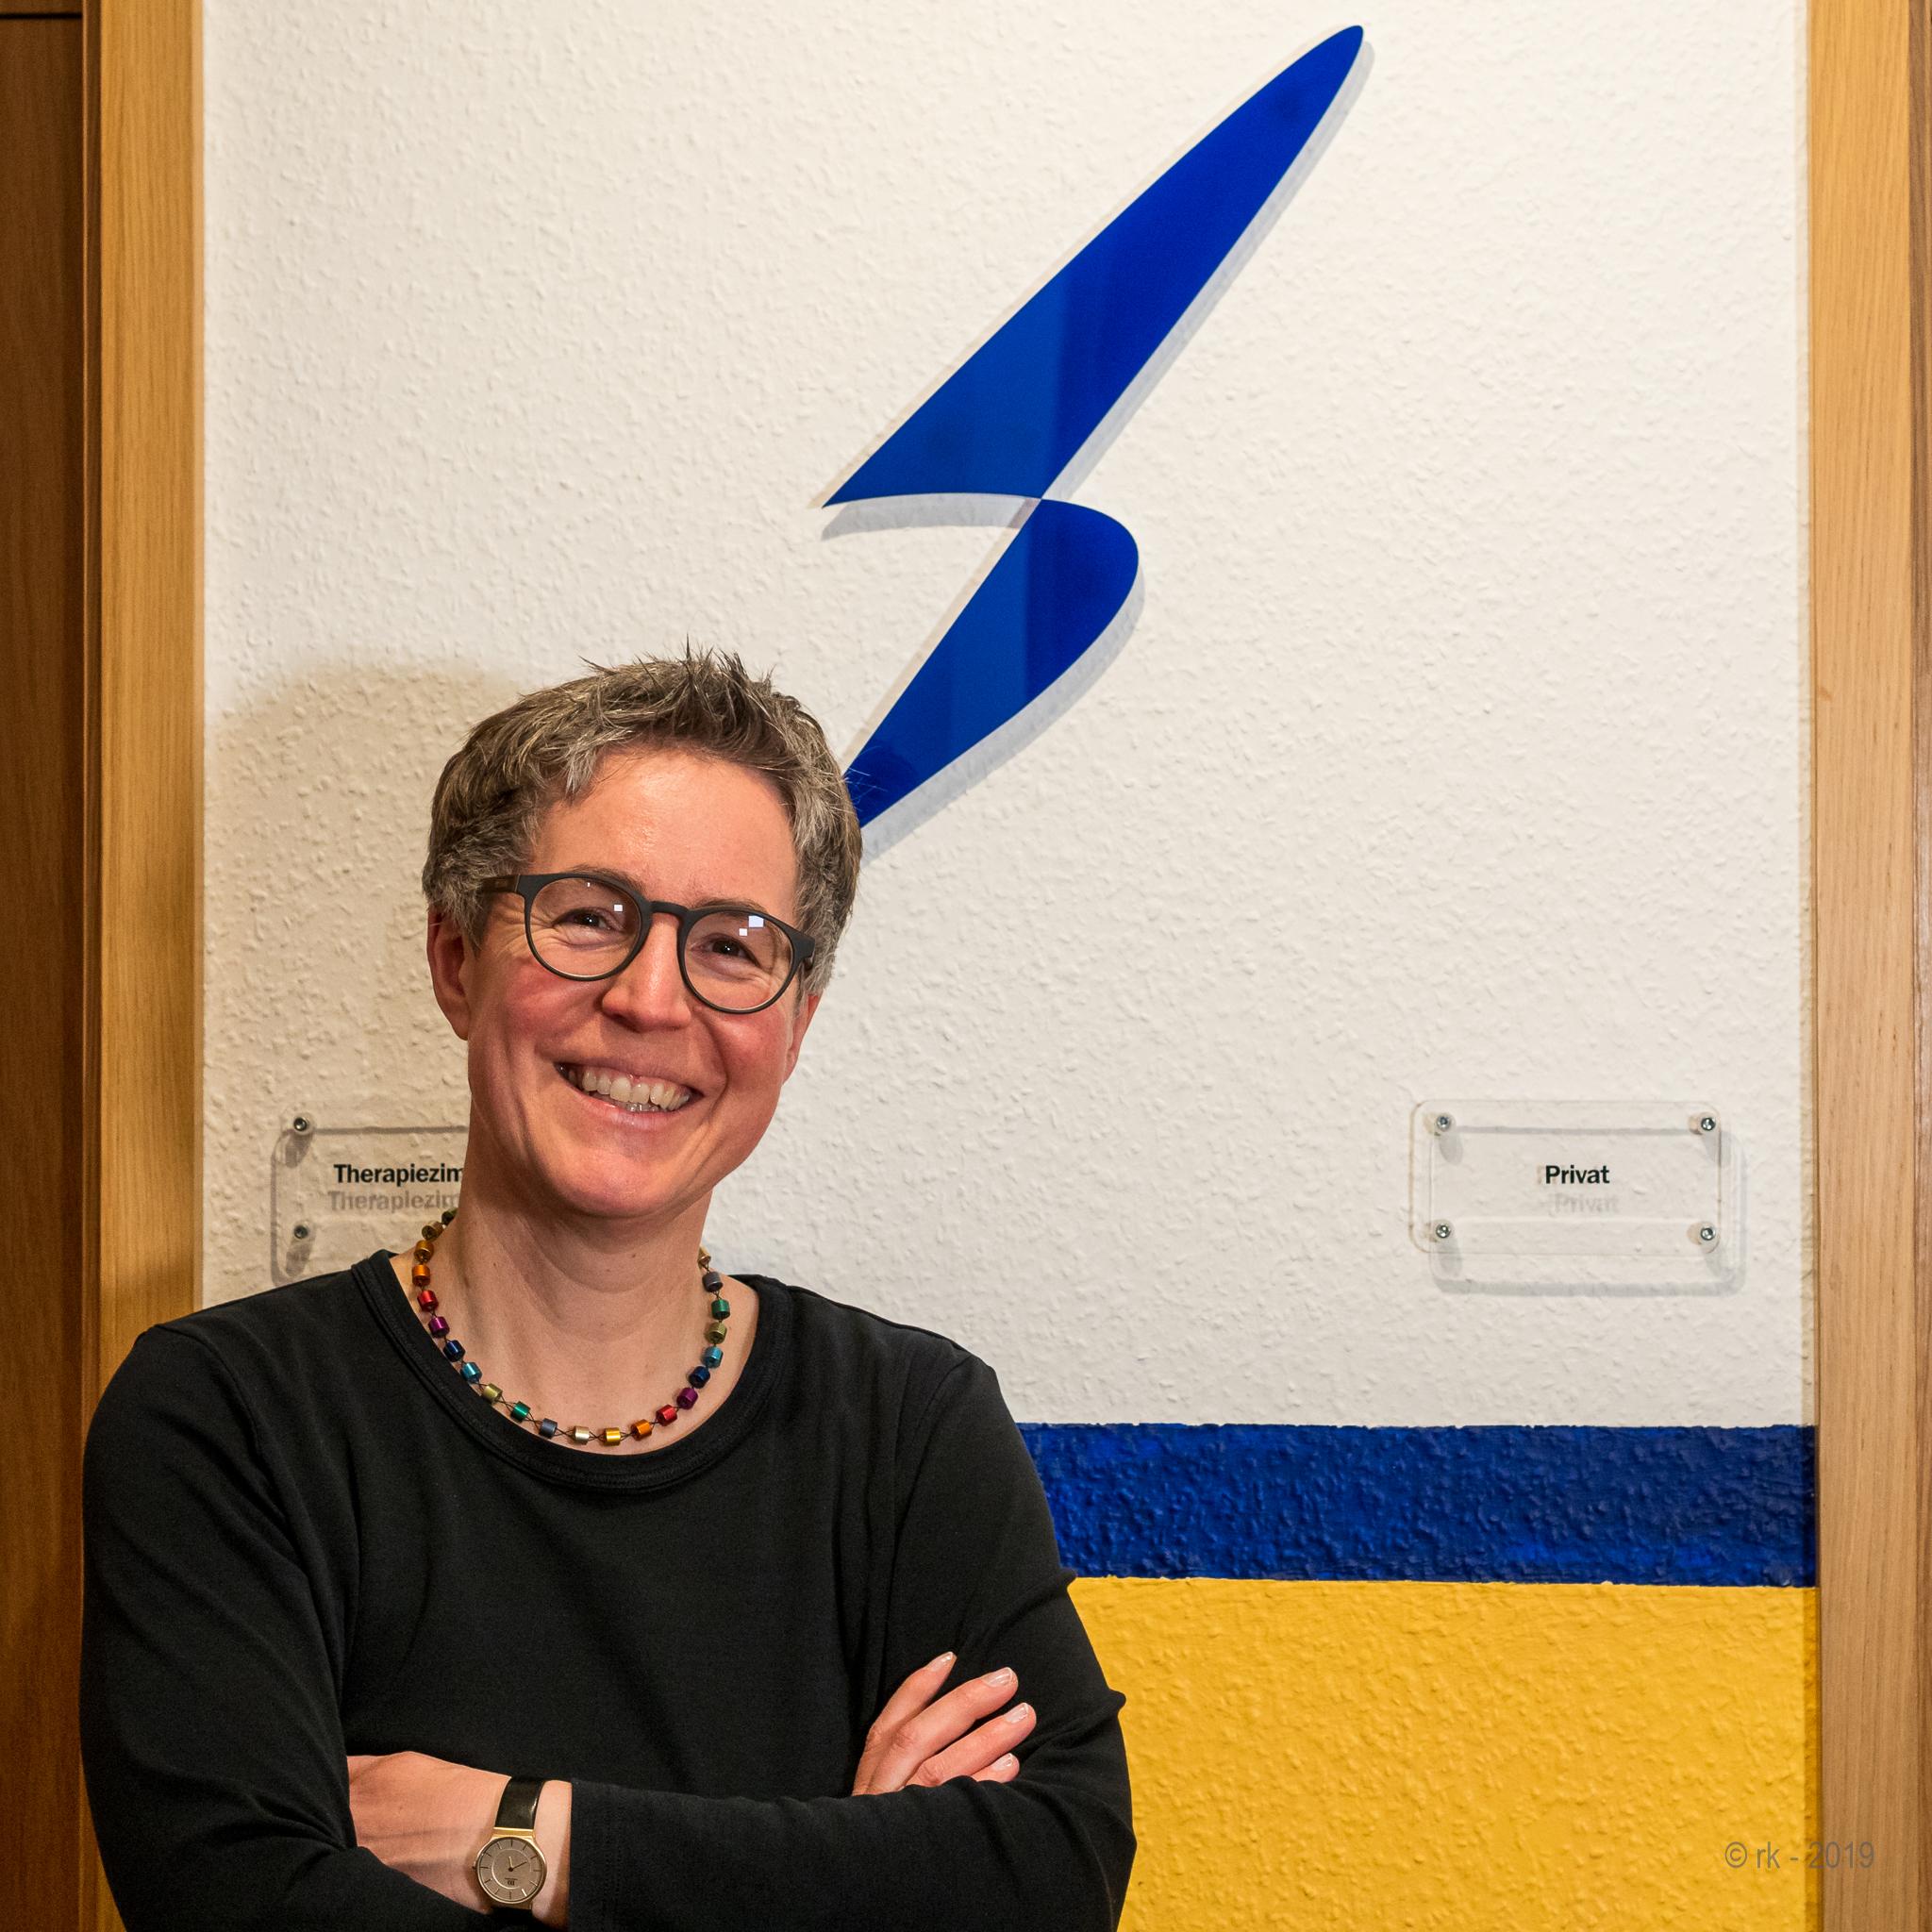 Silke Kirchner